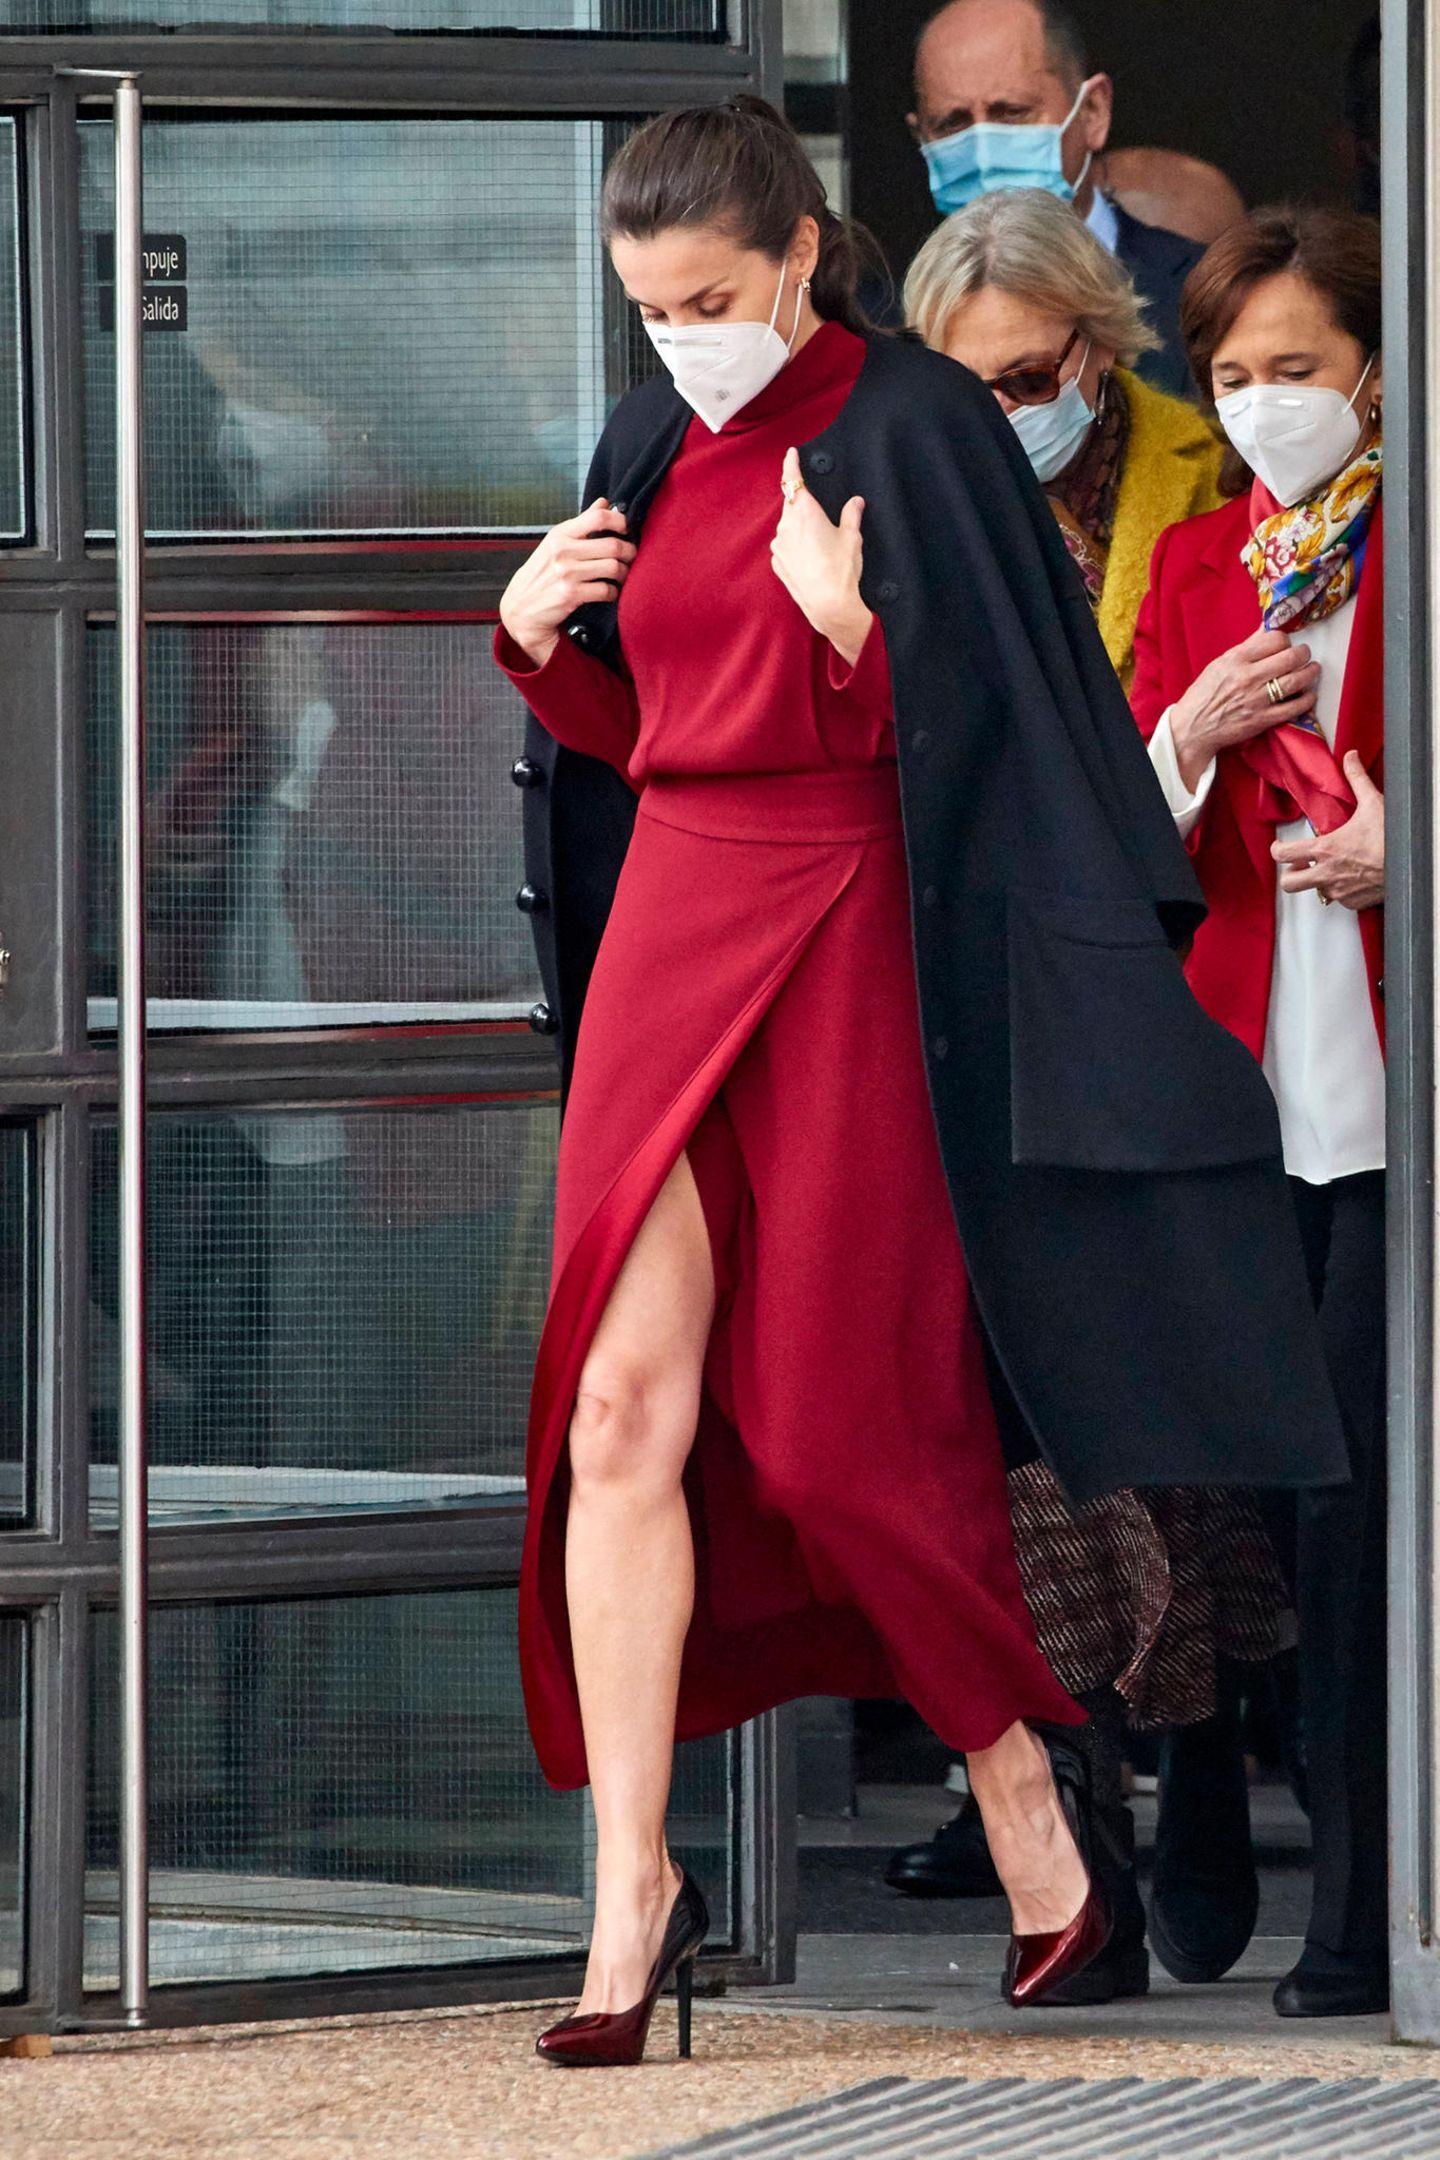 Wenn es um Stil geht, kann keiner Königin Letizia von Spanien etwas vormachen. Die Frau hat einfach Stil. Das bewies sie erst kürzlich beim Besuchin der Nationalbibliothek in Madrid. Das rote Kleid von Massimo Dutti mit suuuuuuper hohem Beinschlitz sieht einfach toll aus. Aber irgendwie kommt uns der Look bekannt vor ...